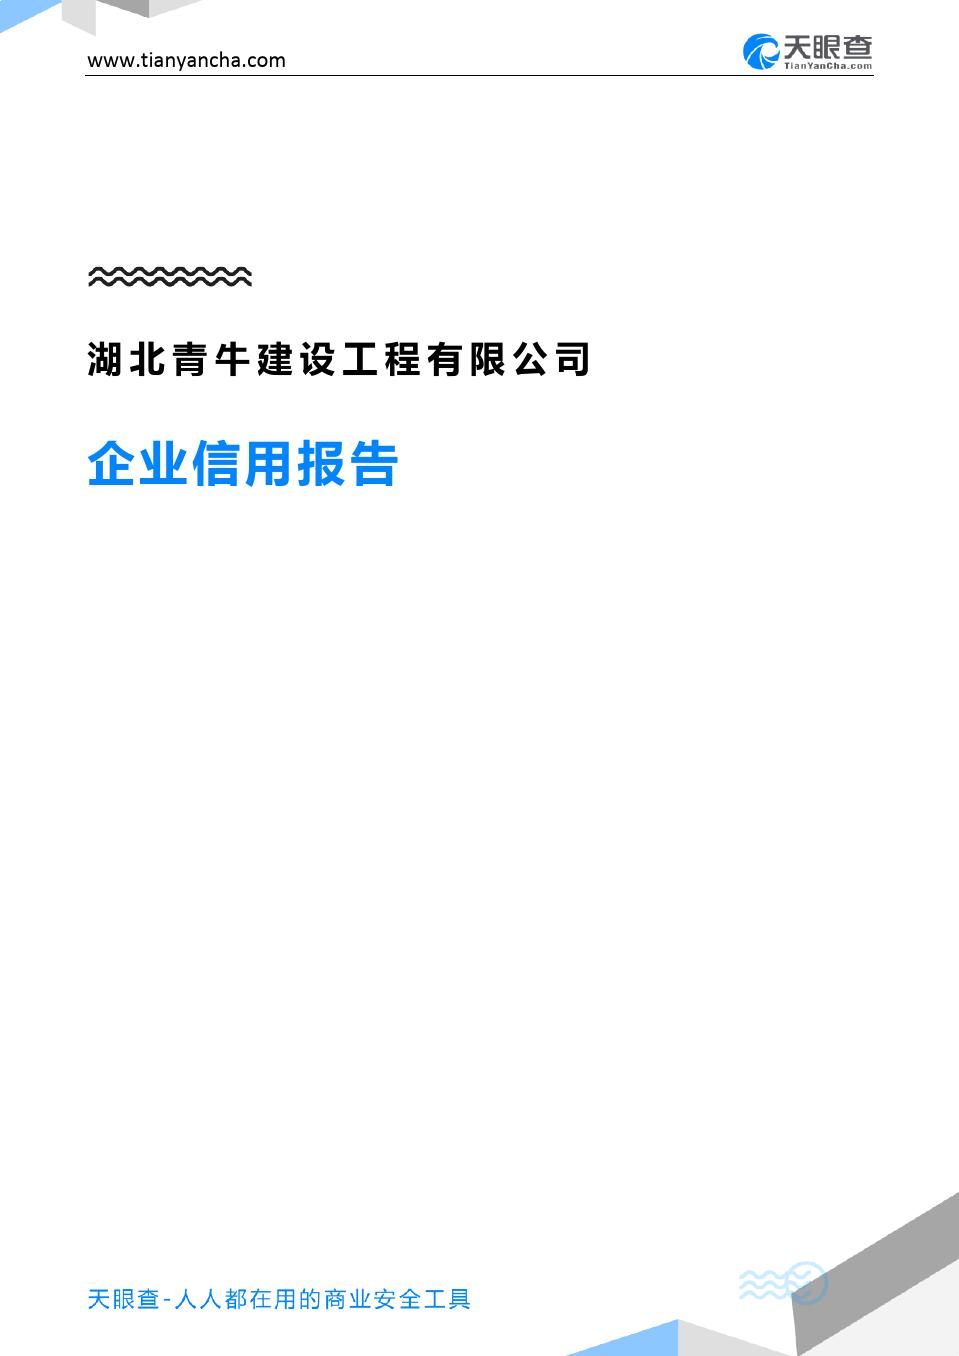 湖北青牛建设工程有限公司(企业信用报告)- 天眼查